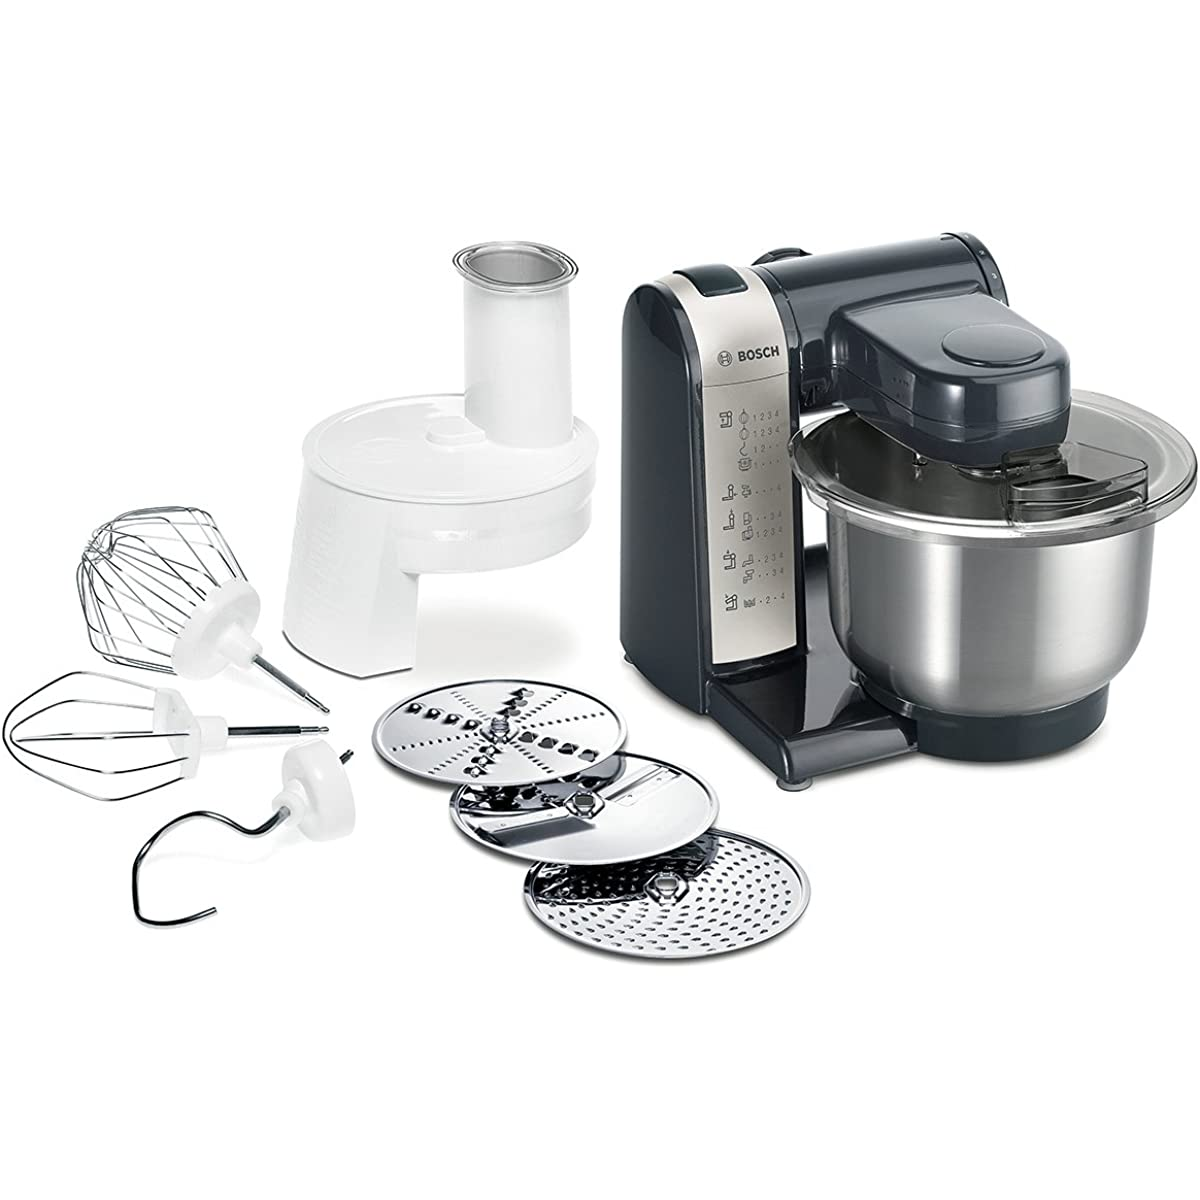 Eine Küchenmaschine kann Ihnen während der Zubereitung von Speisen unzählige Arbeitsschritte ersparen.